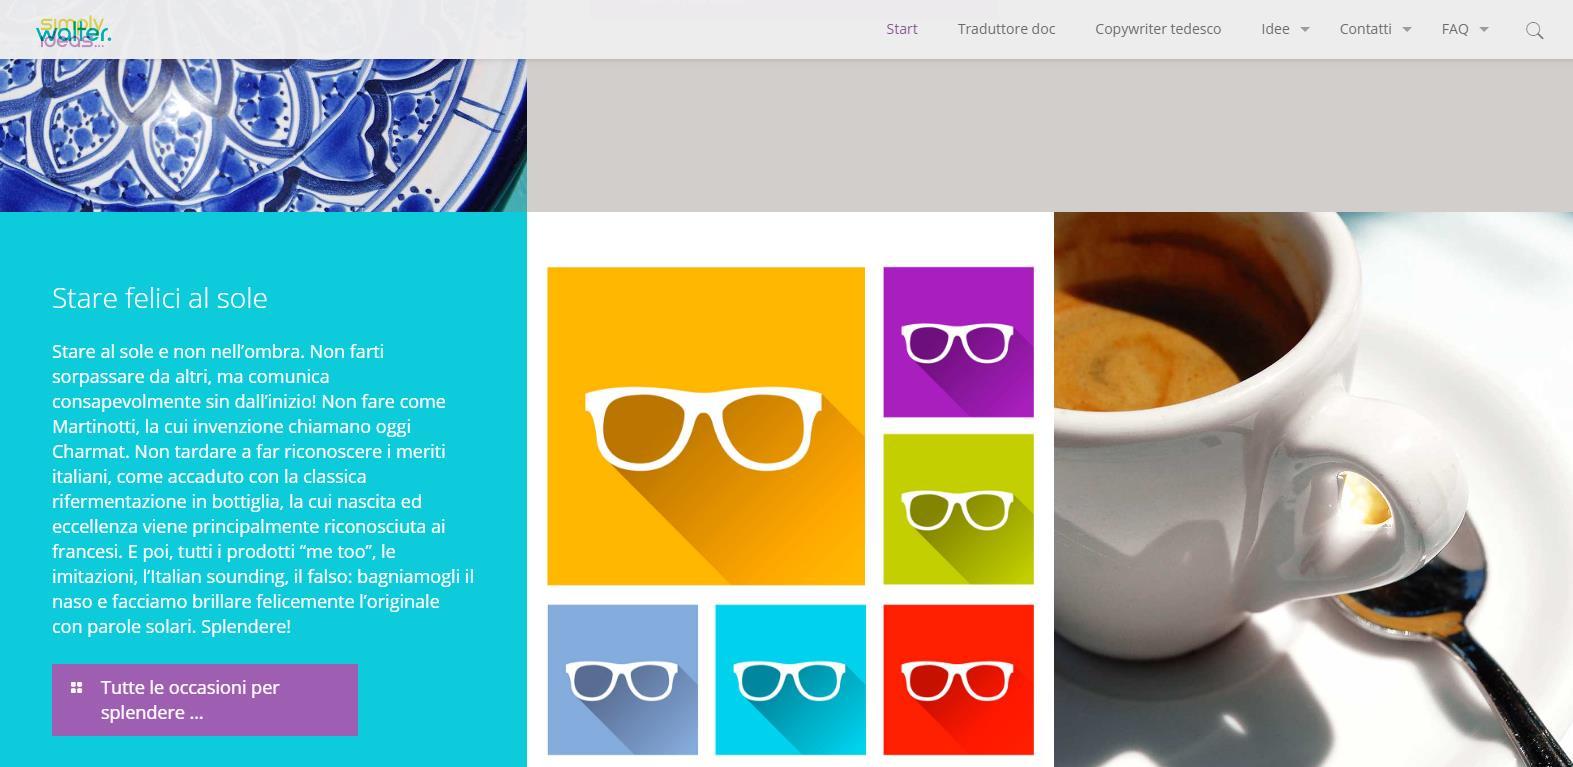 Un dettaglio della home del sito simplywalter.com, dove ora escono tutti gli articoli in italiano per te (Katrin Walter)